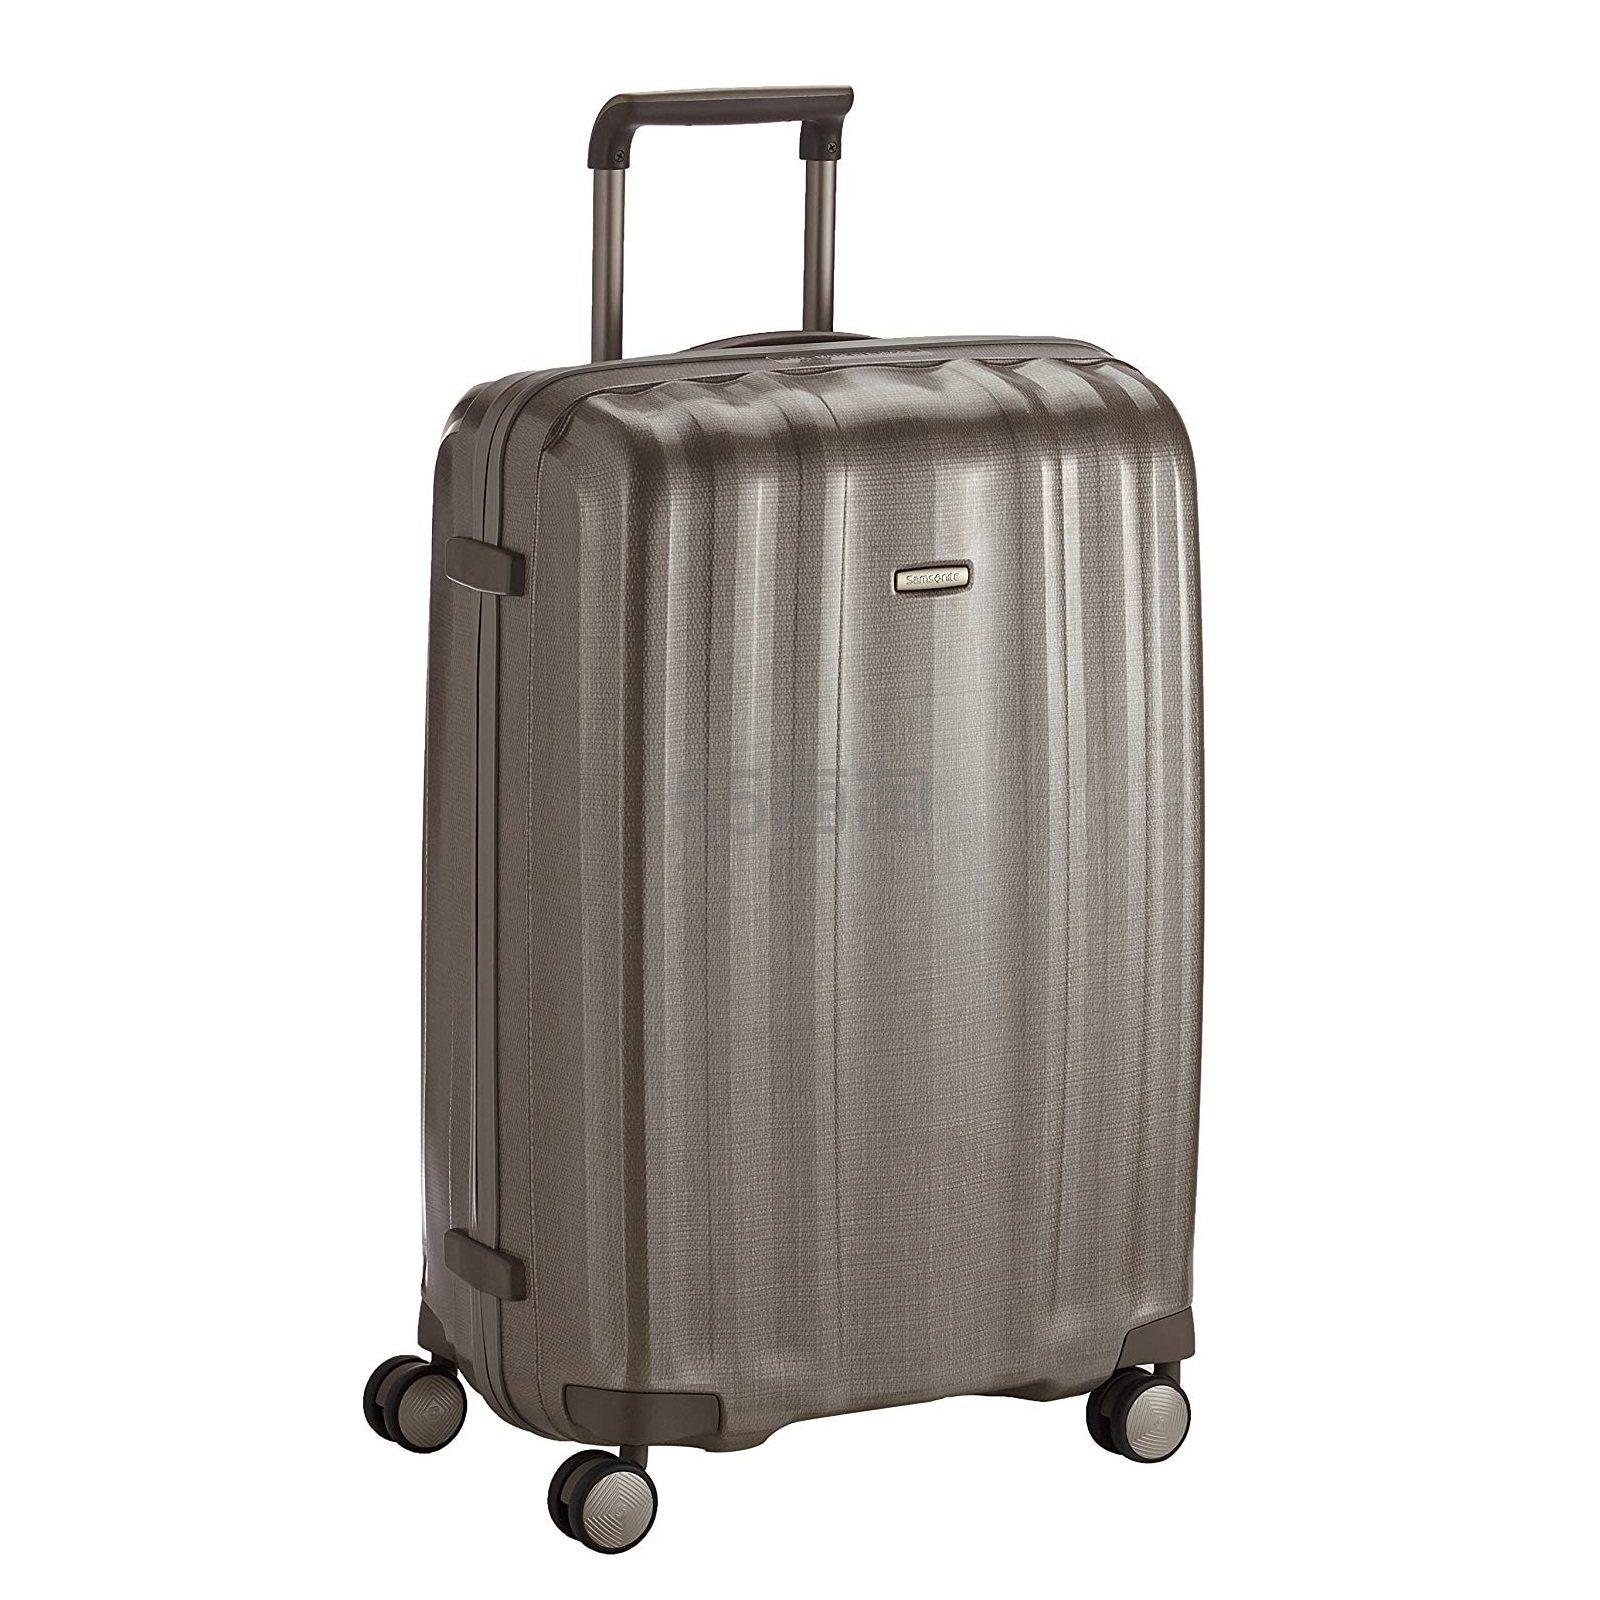 史低价!【中亚Prime会员】Samsonite 新秀丽 lite-Cube 28寸万向轮行李箱拉杆箱 到手价1343元 - 海淘优惠海淘折扣|55海淘网